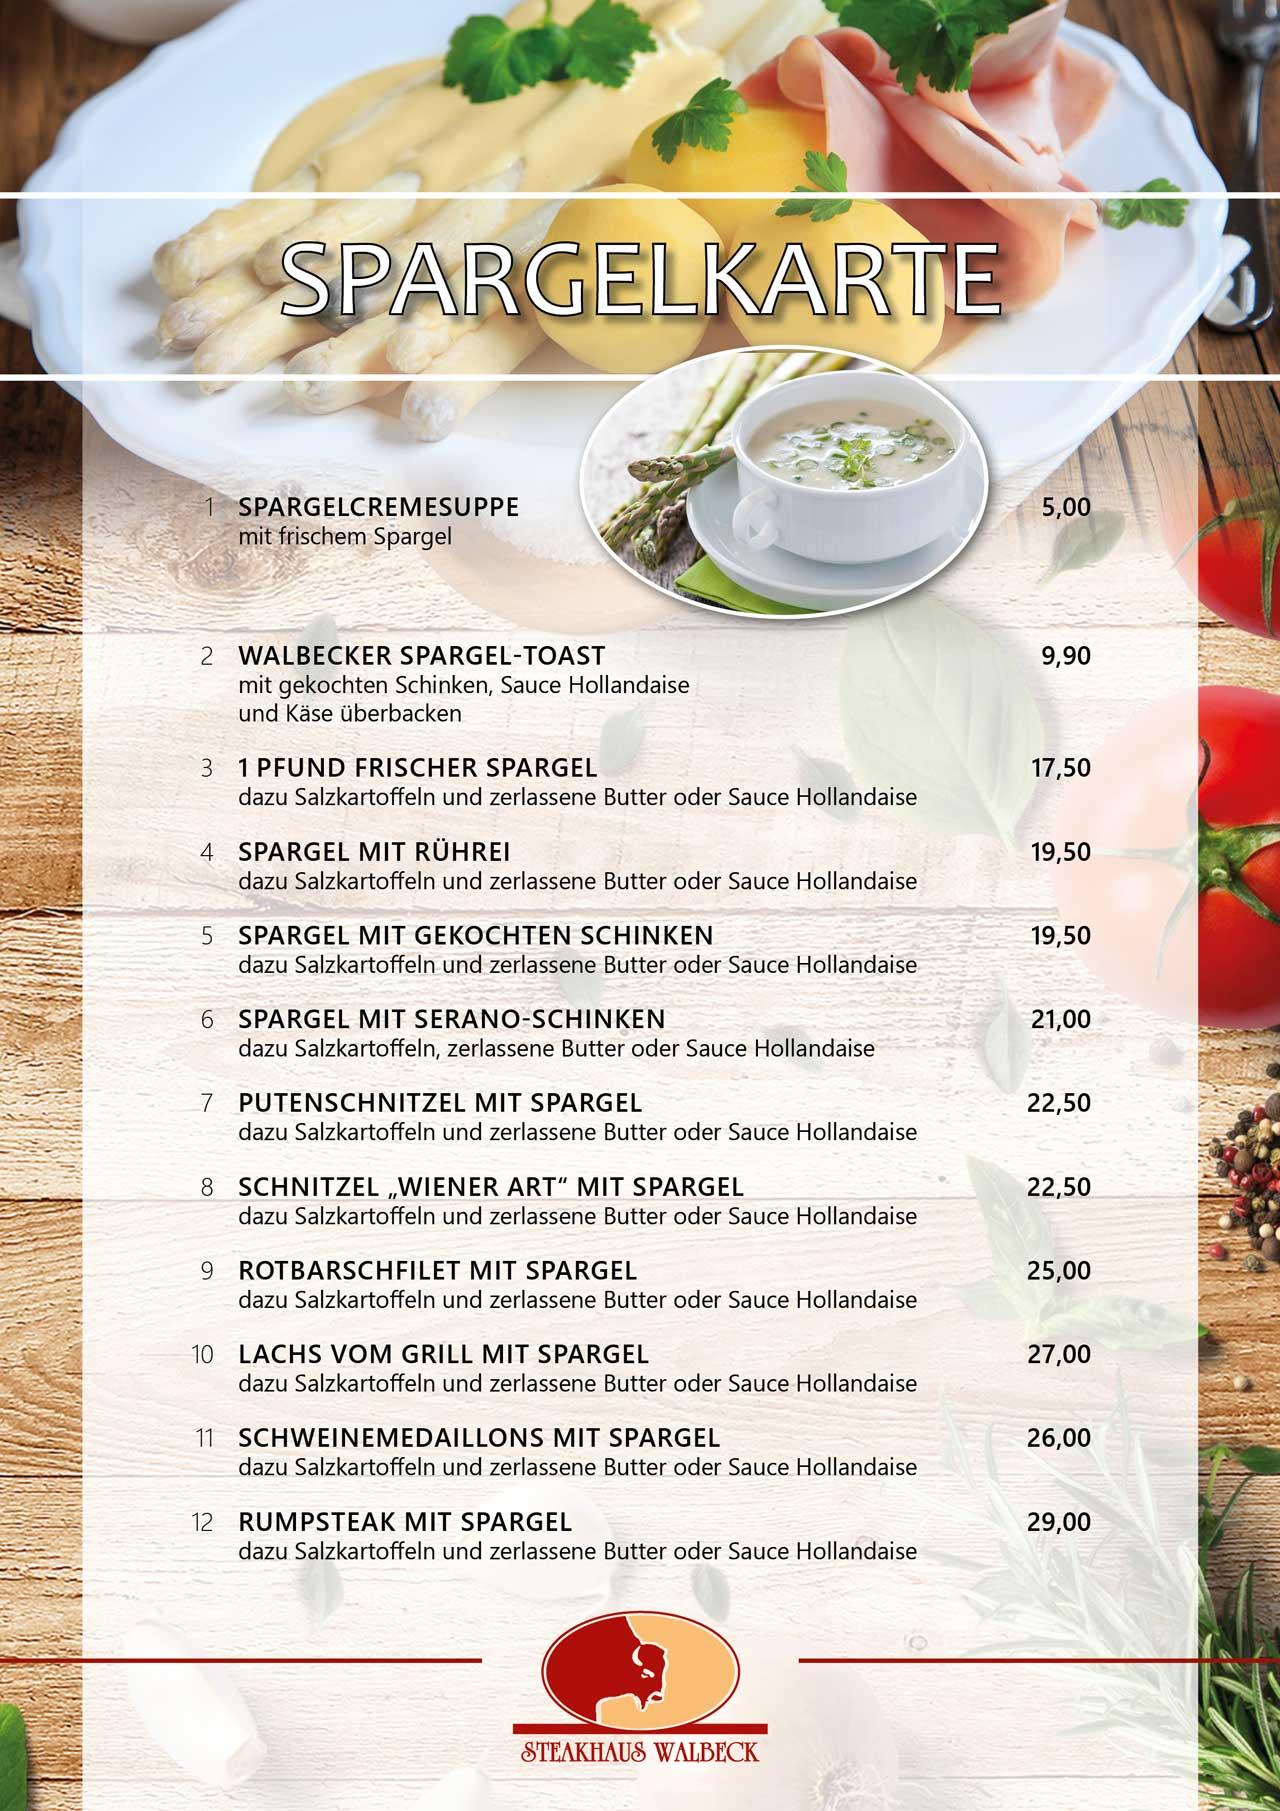 Steakhaus-Walbeck_Spargelkarte